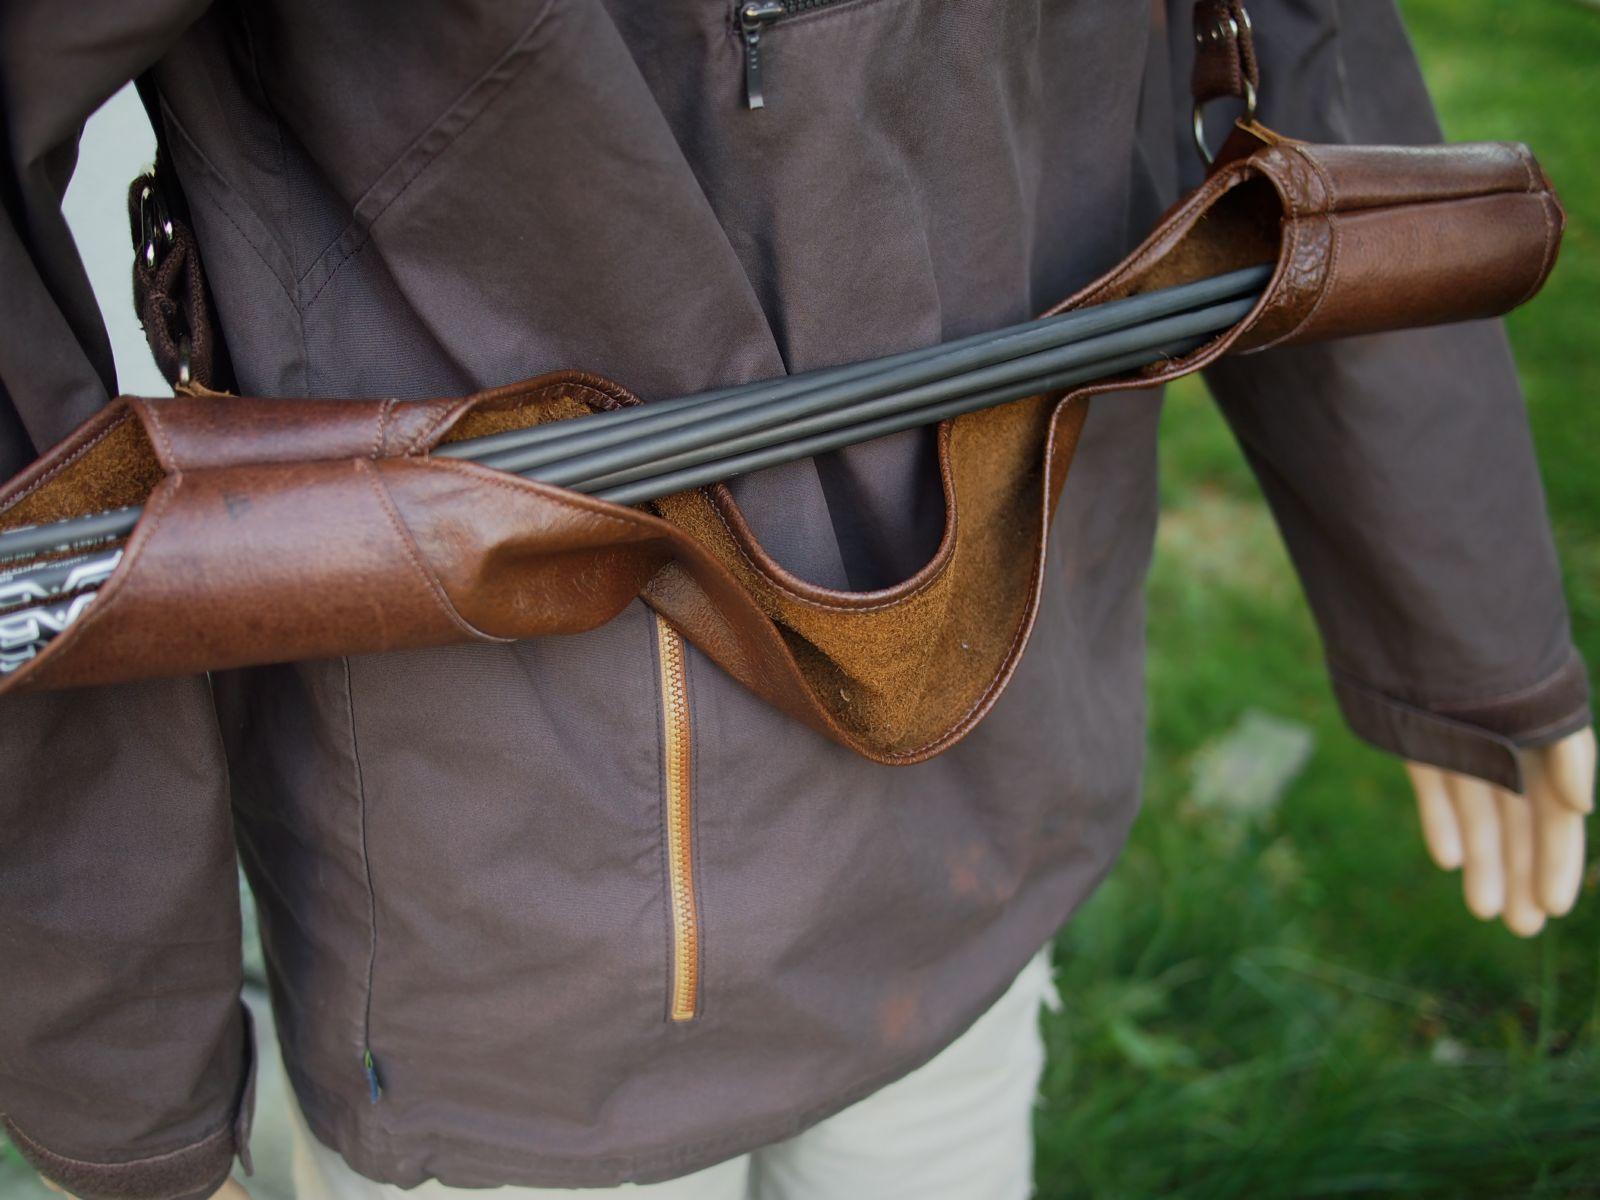 Upshot Archery Sidedraw Quiver - Nicht ganz optimal